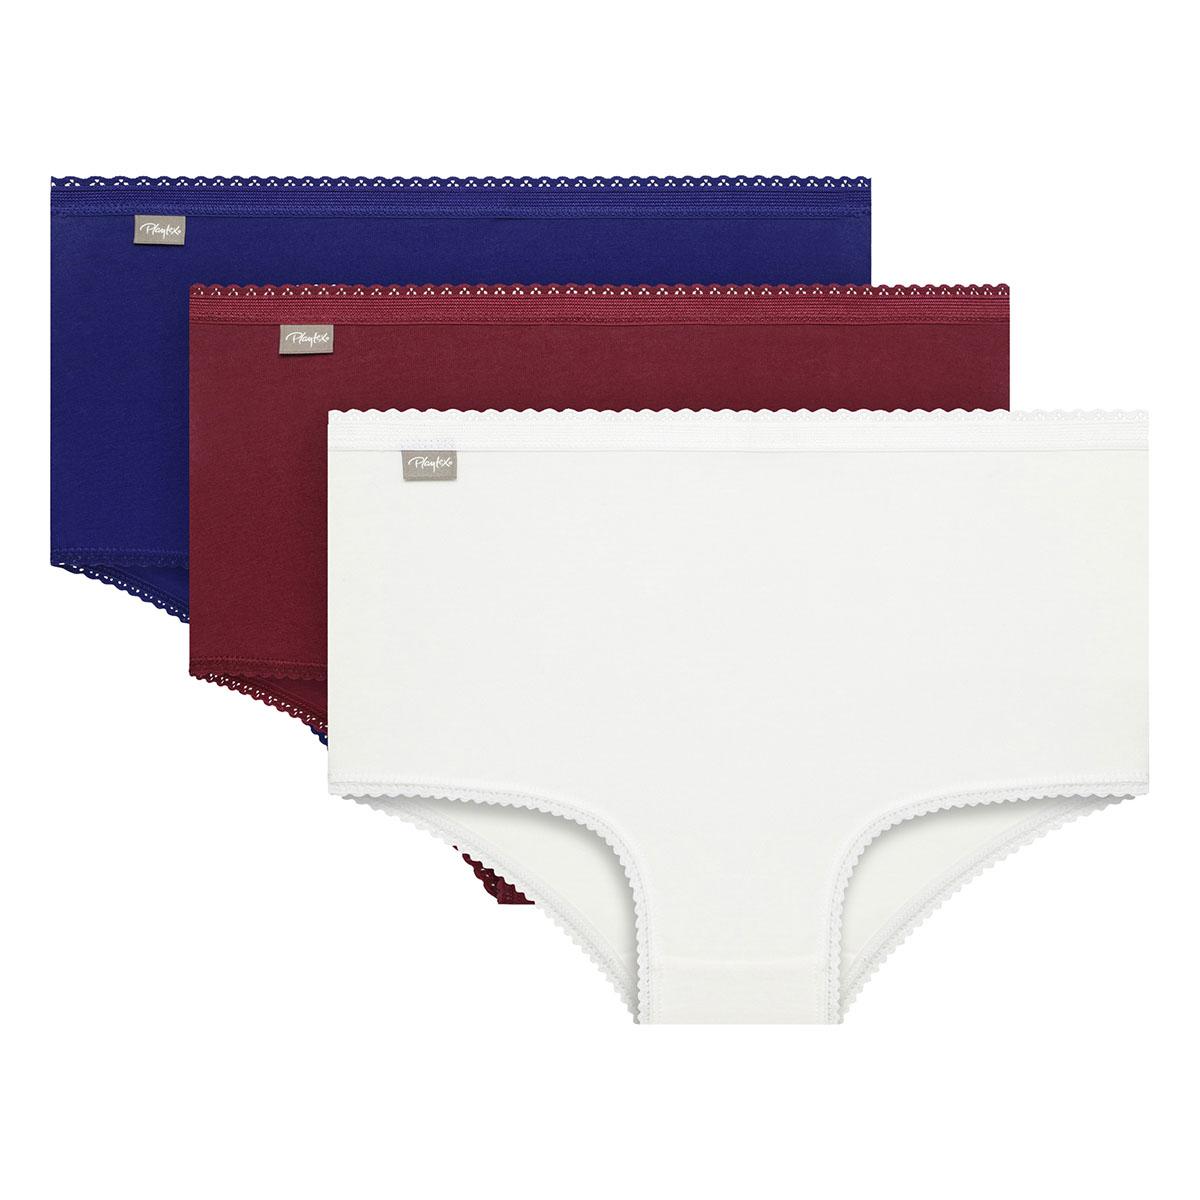 Pacco da 3 slip maxi bianco, rosso intenso e blu intenso Cotone Elasticizzato, , PLAYTEX